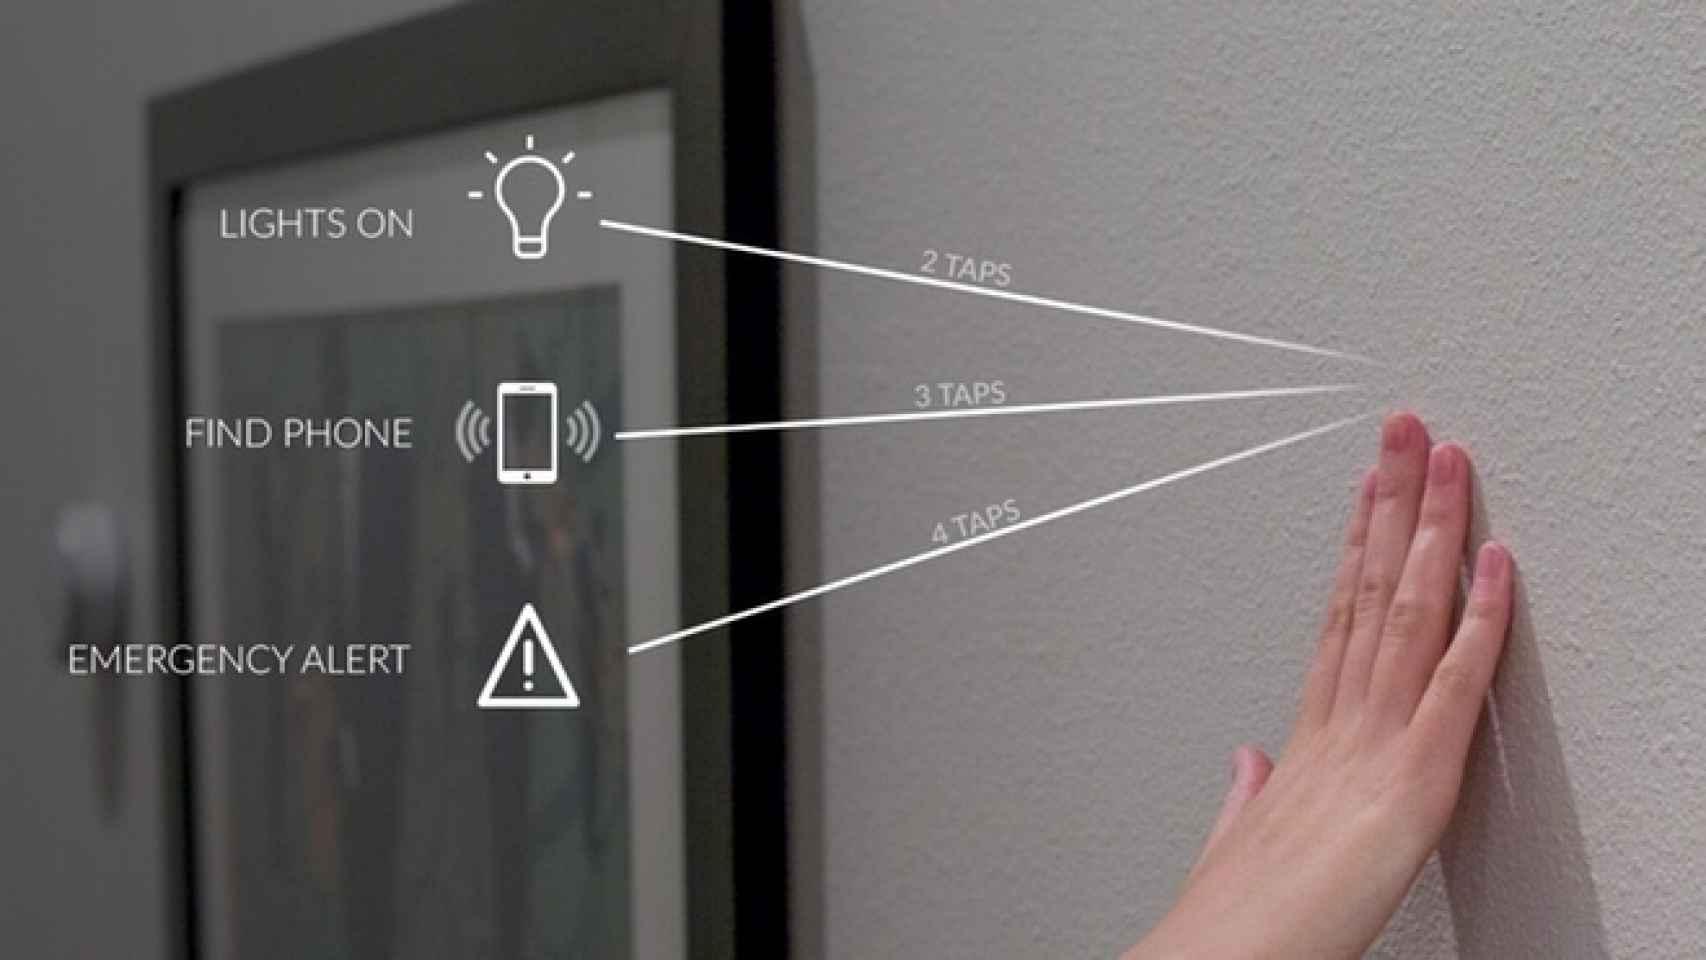 El asistente inteligente funciona a través de WiFi.